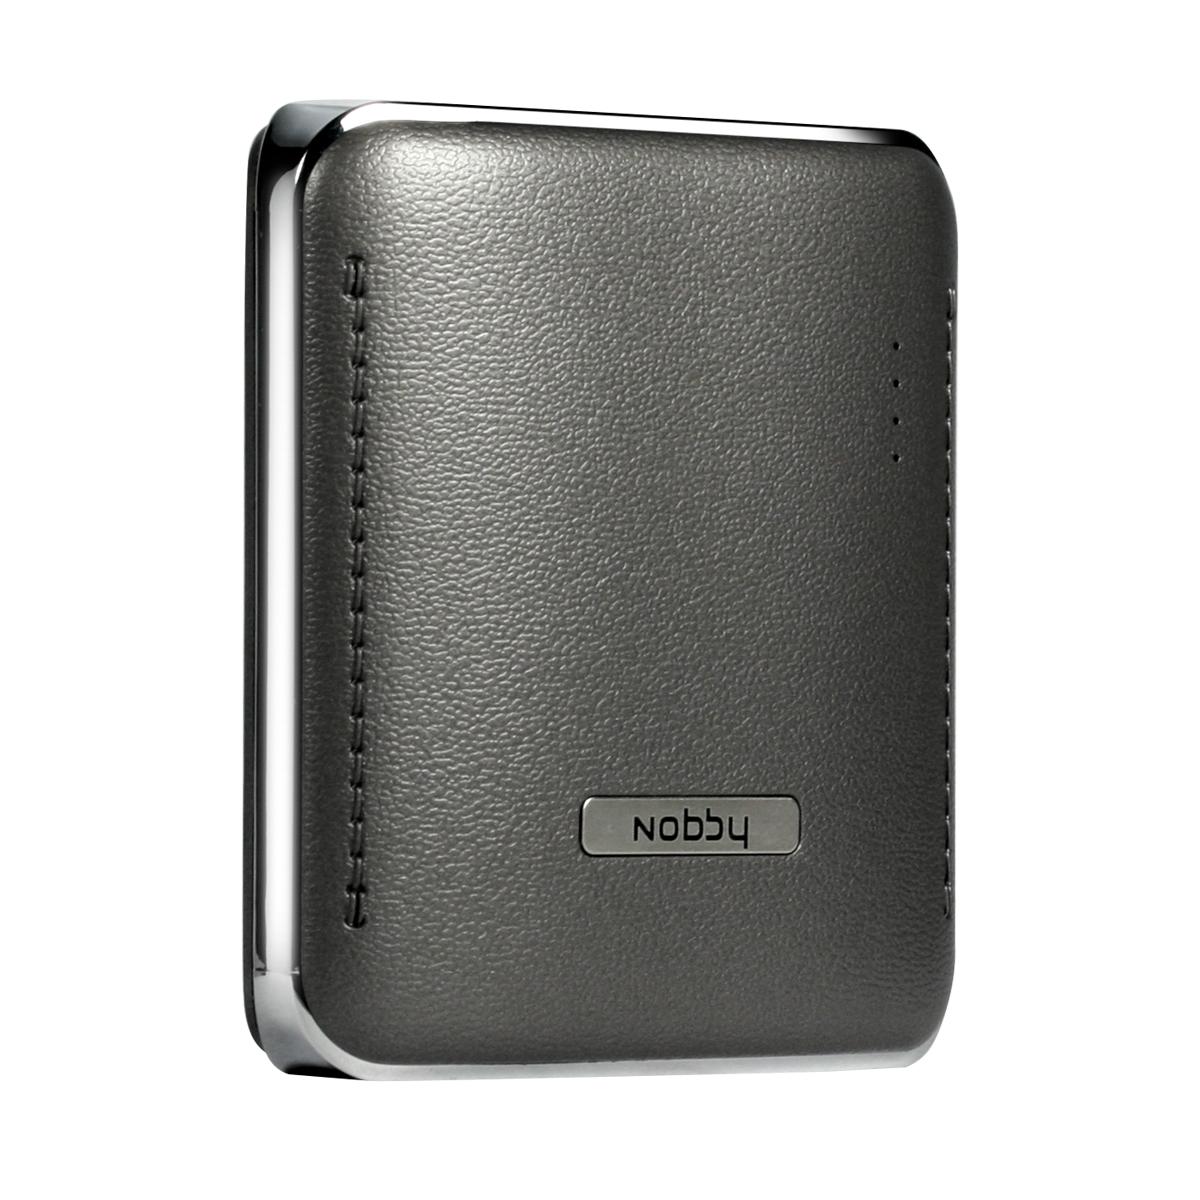 Nobby Comfort 015-001, Grey внешний аккумулятор (4000 mAh) внешний аккумулятор qumo poweraid camper 4000 ма ч выход 5в 2 1а вход 5в 2а солнечная панель 900 ма